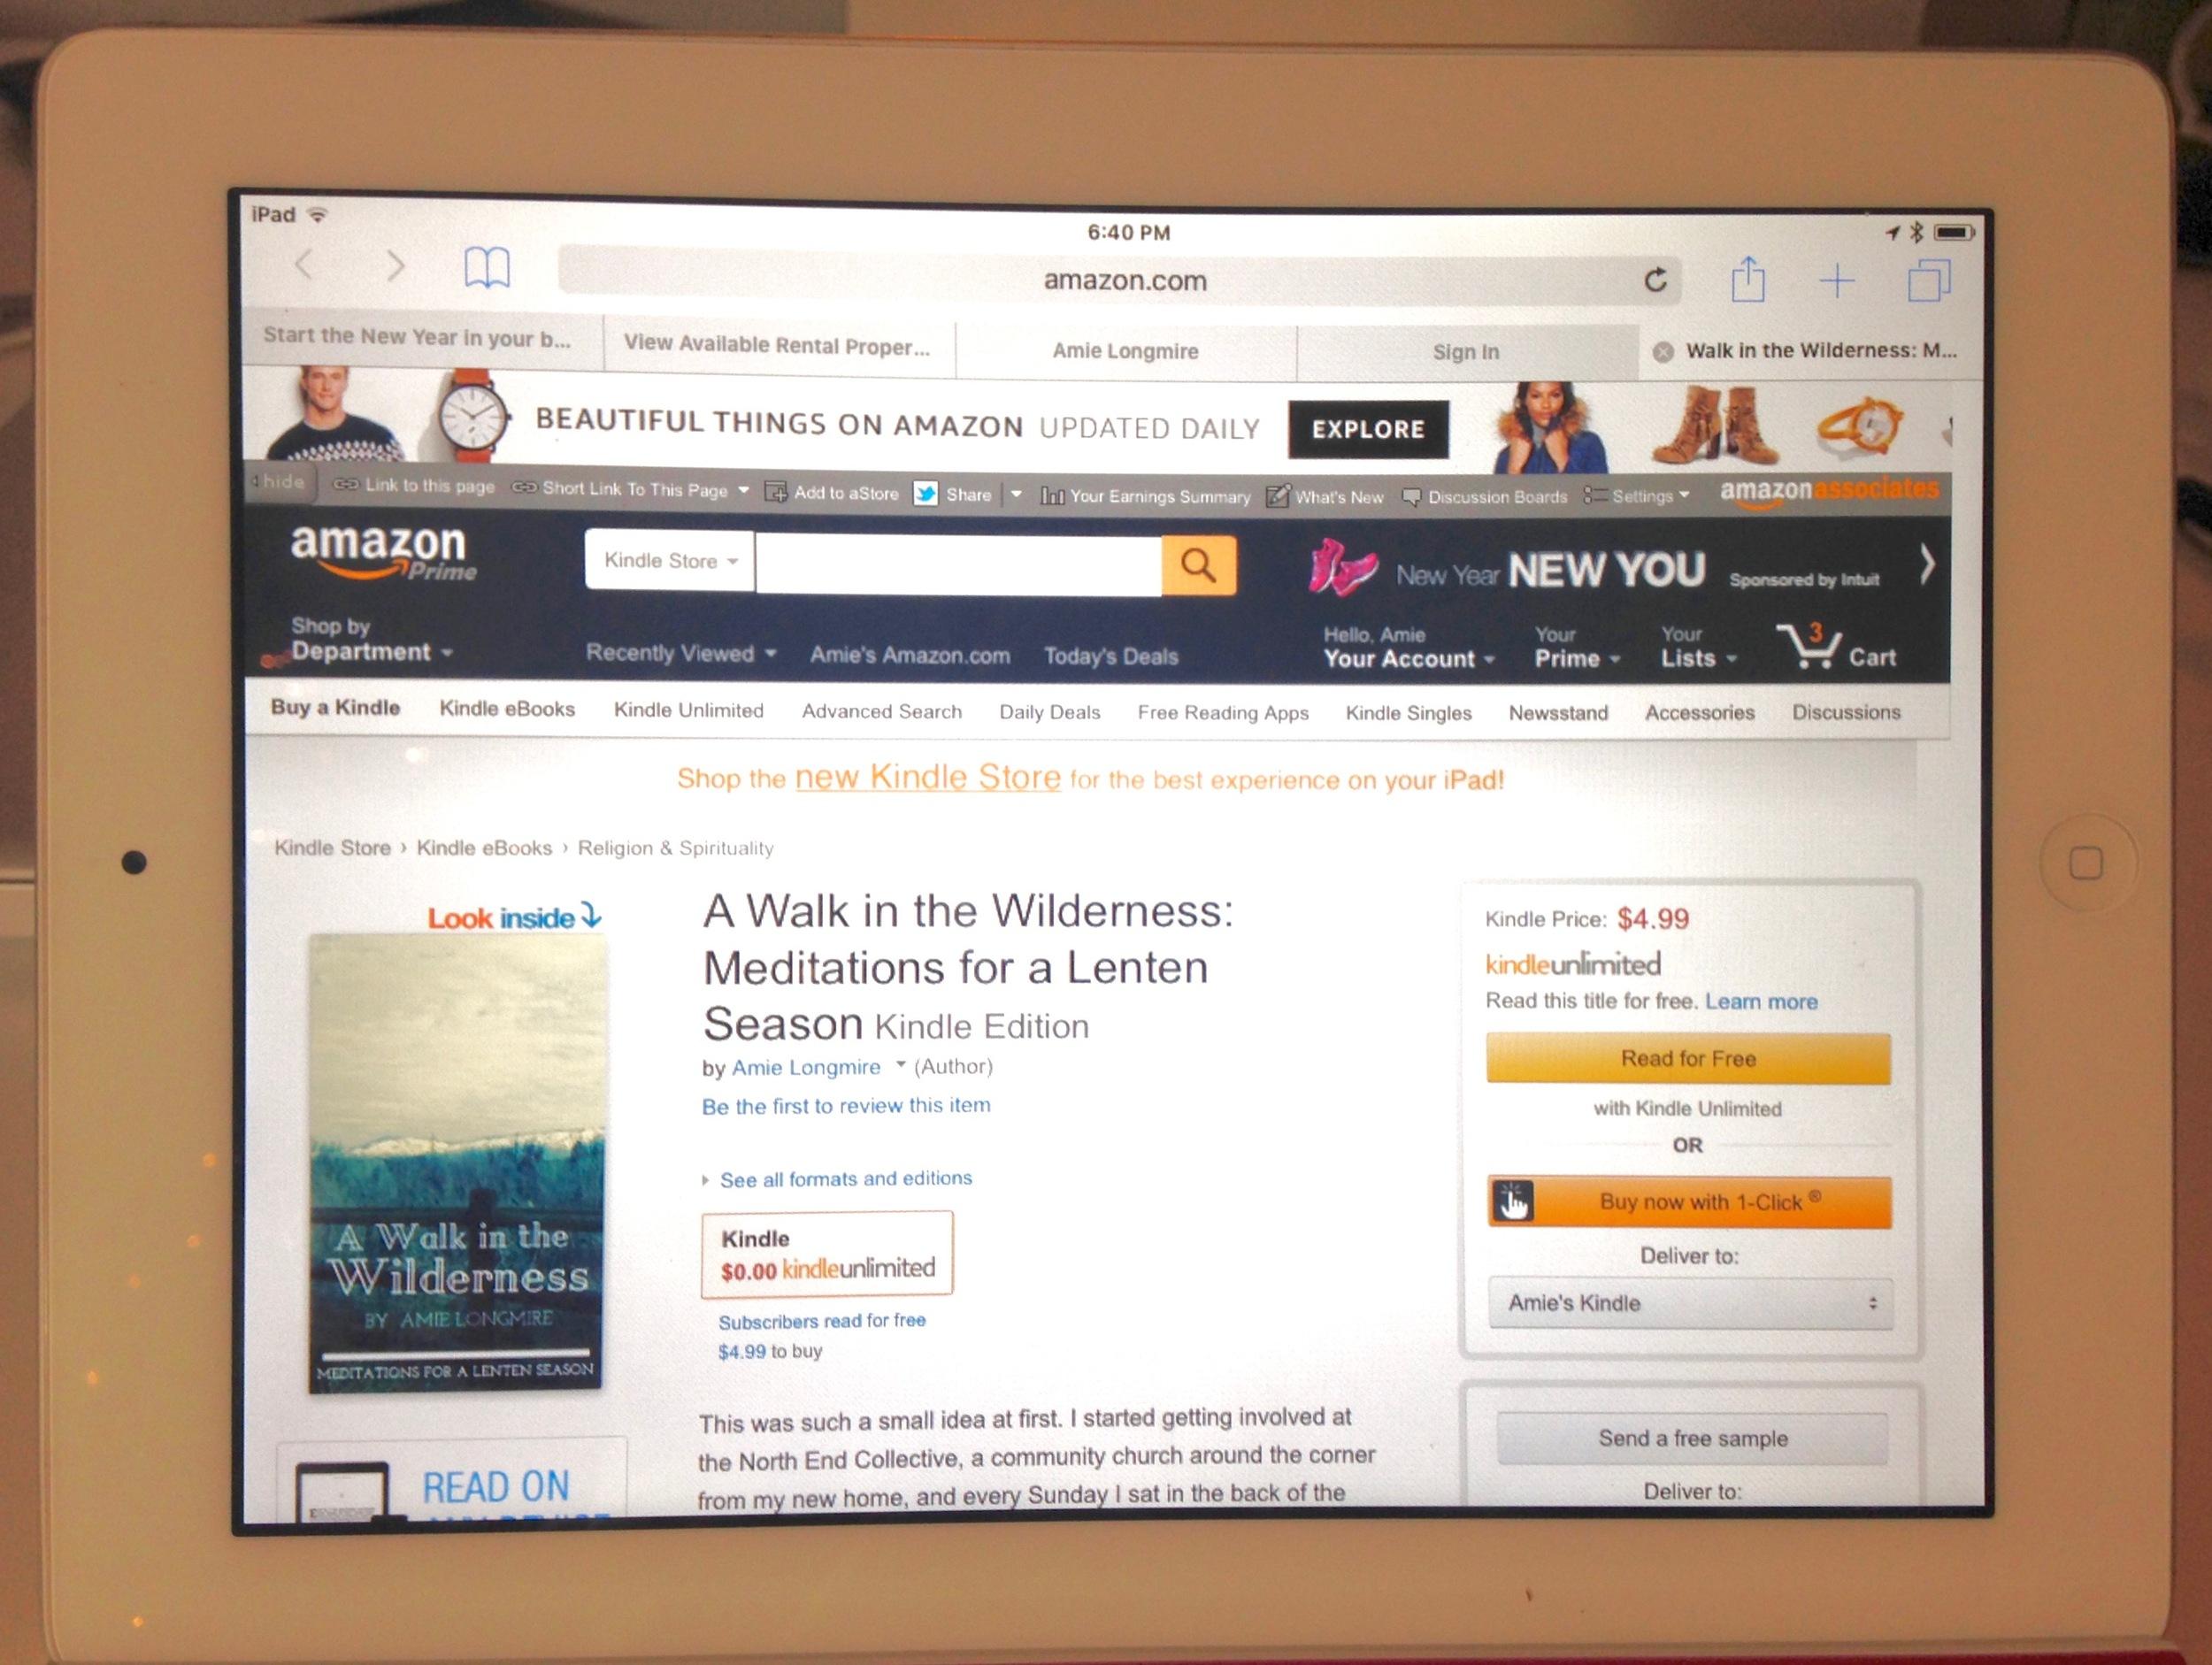 amie-longmire-new-book-amazon